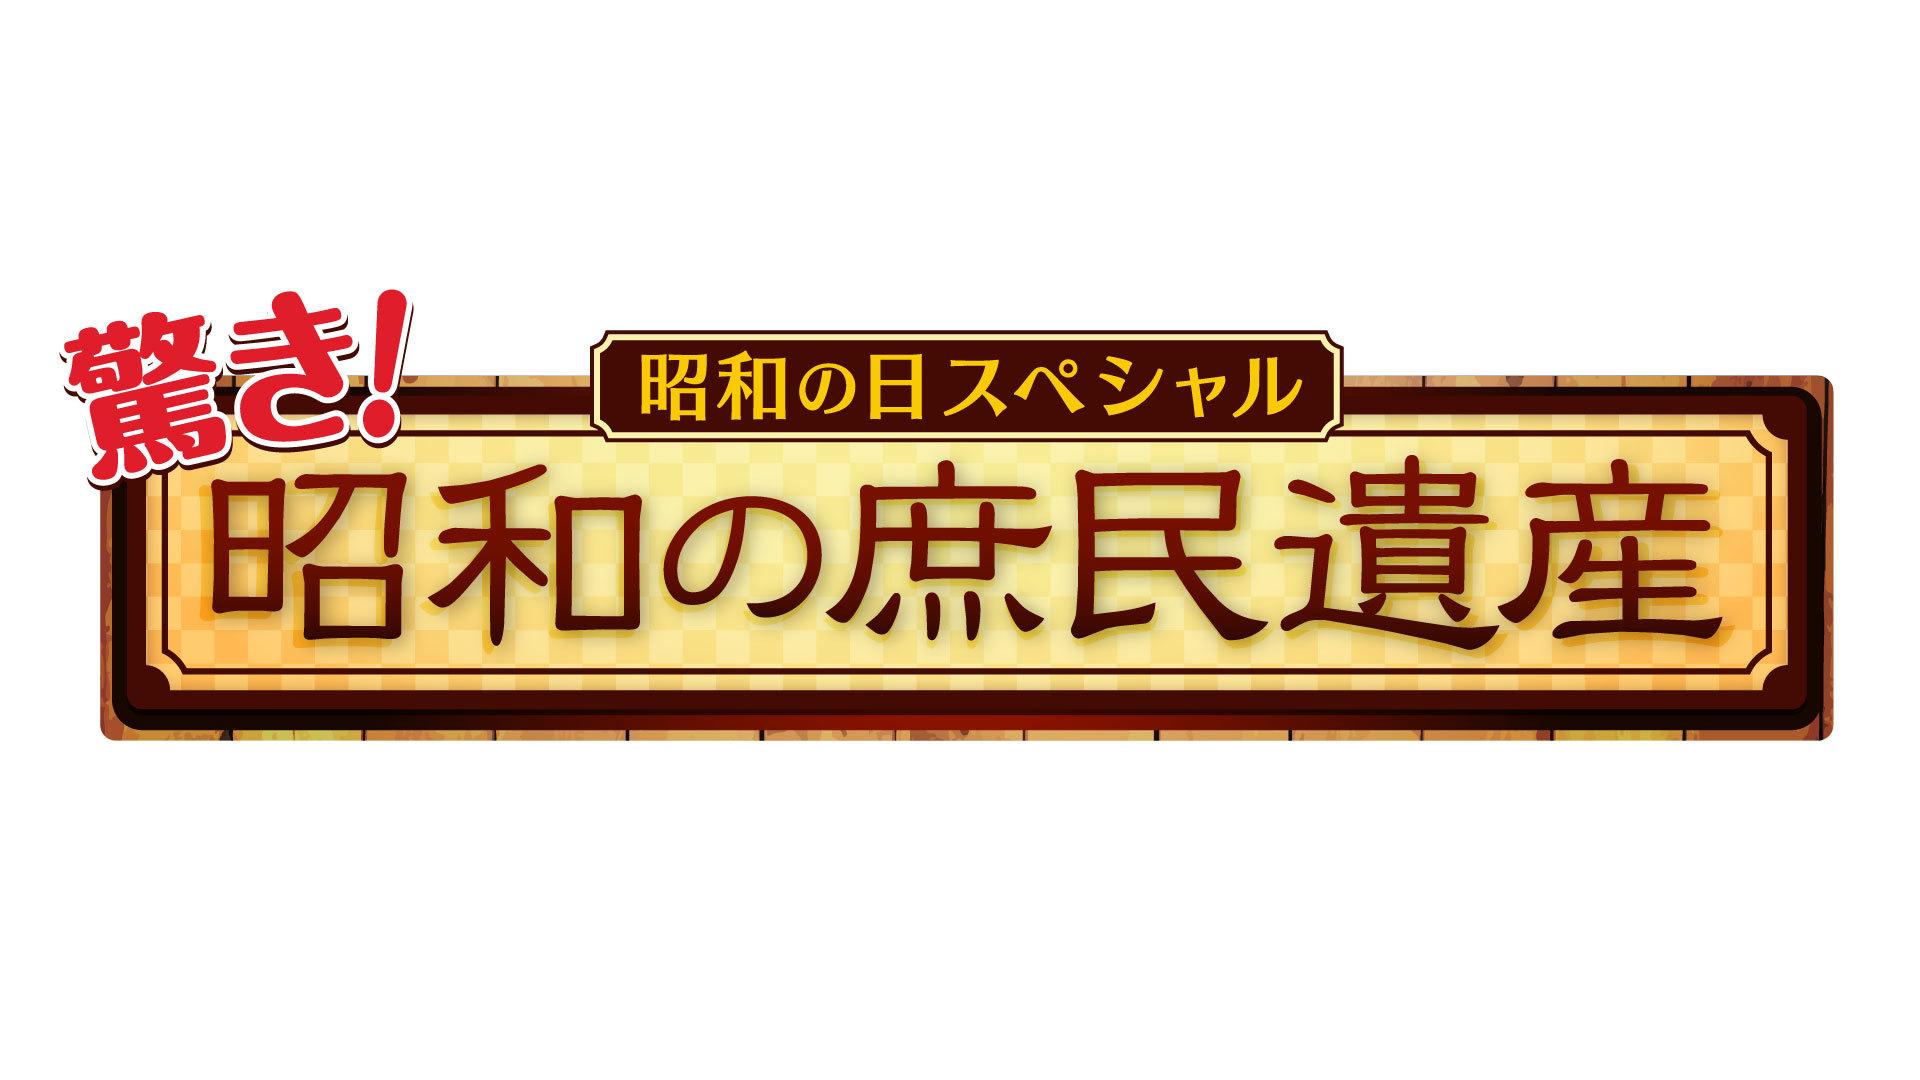 昭和の日スペシャル 驚き!昭和の庶民遺産